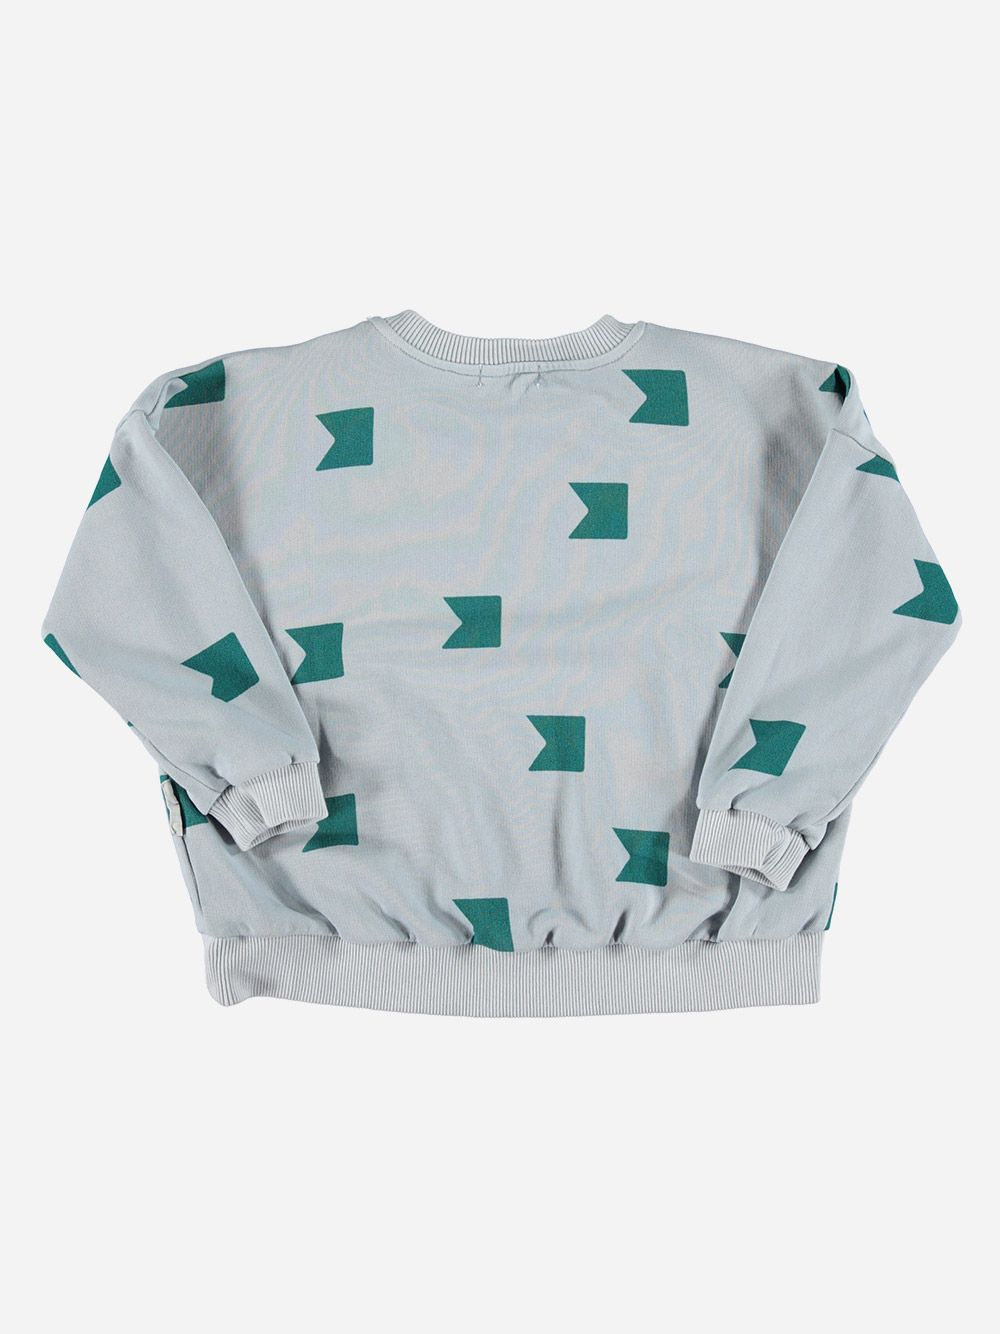 Sweatshirt Cinzenta Unissexo   Piupiuchick